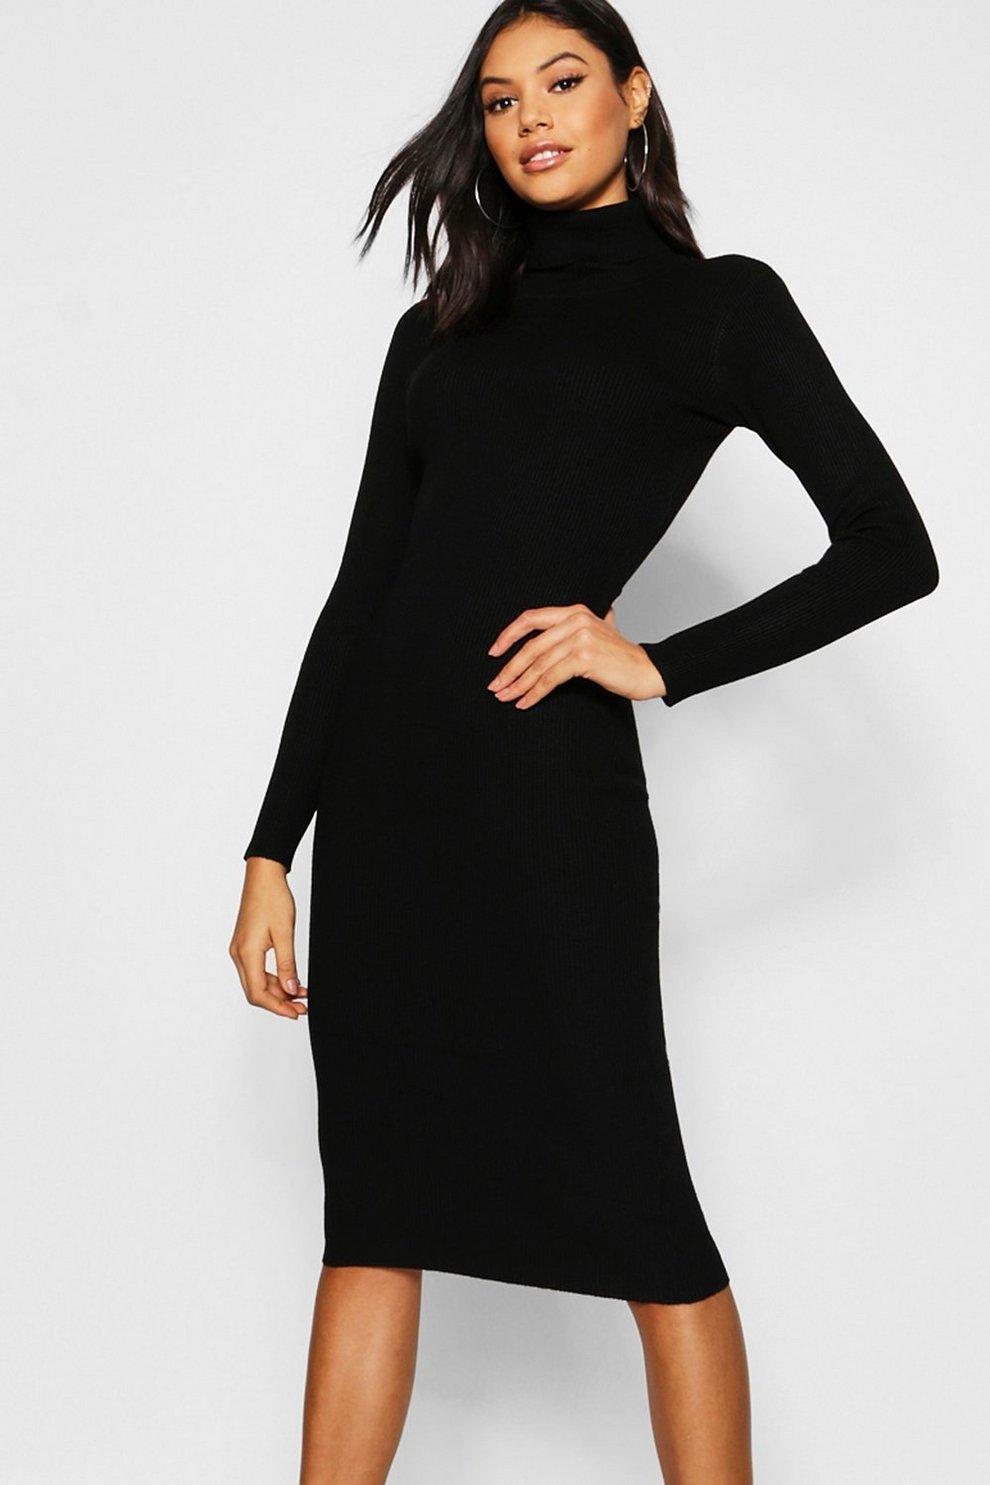 fc2c291528f Womens Black Rib Knit Roll Neck Midi Dress